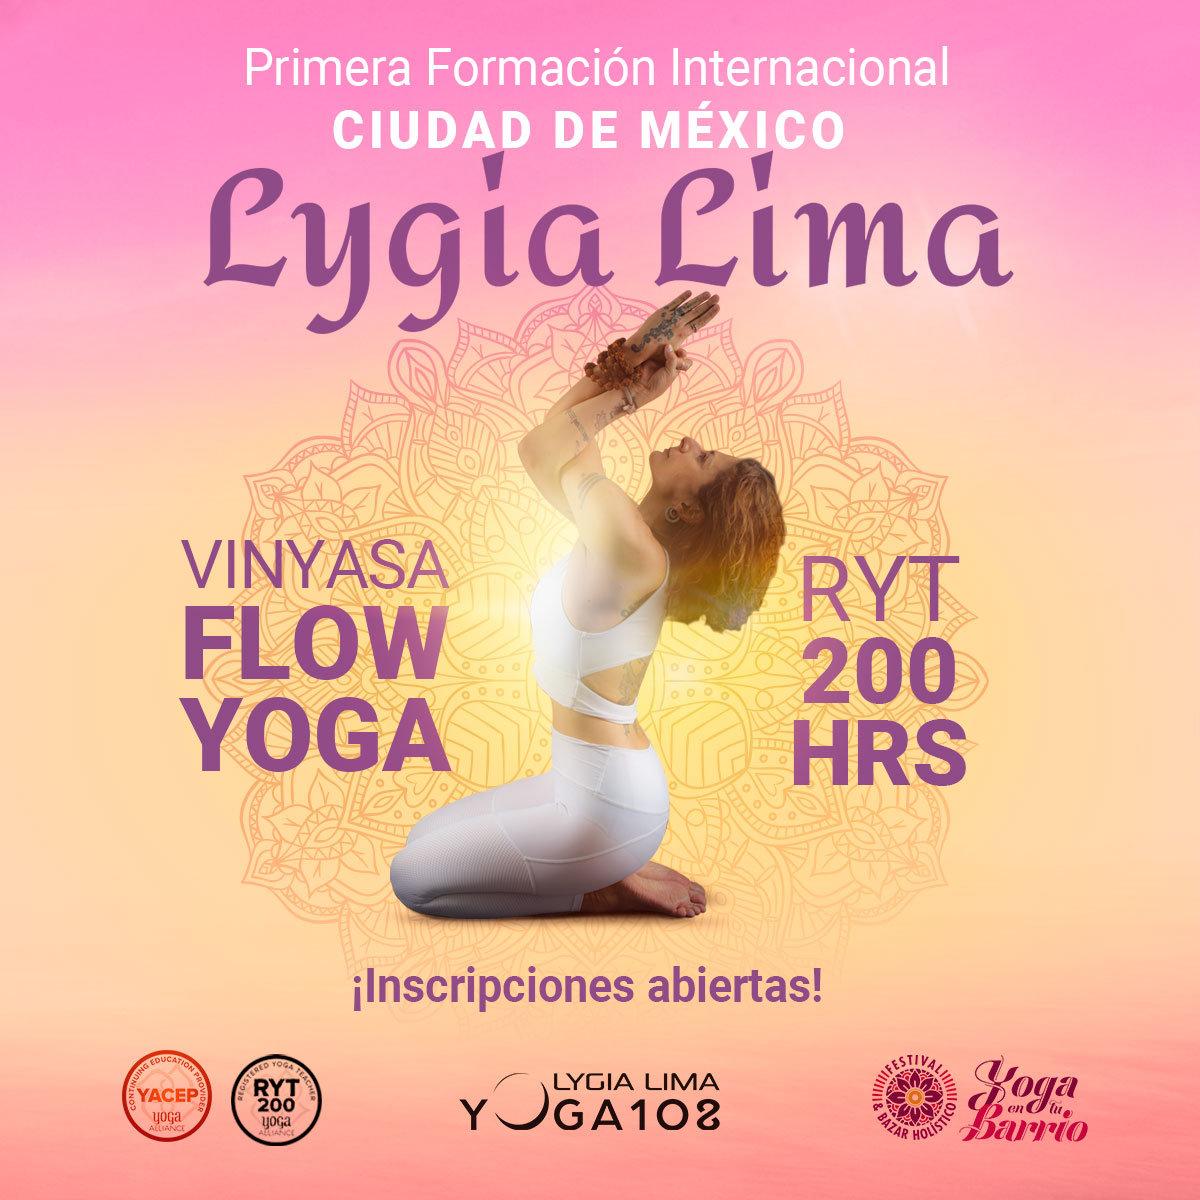 Formación Vinyasa Flow Yoga 200 hrs